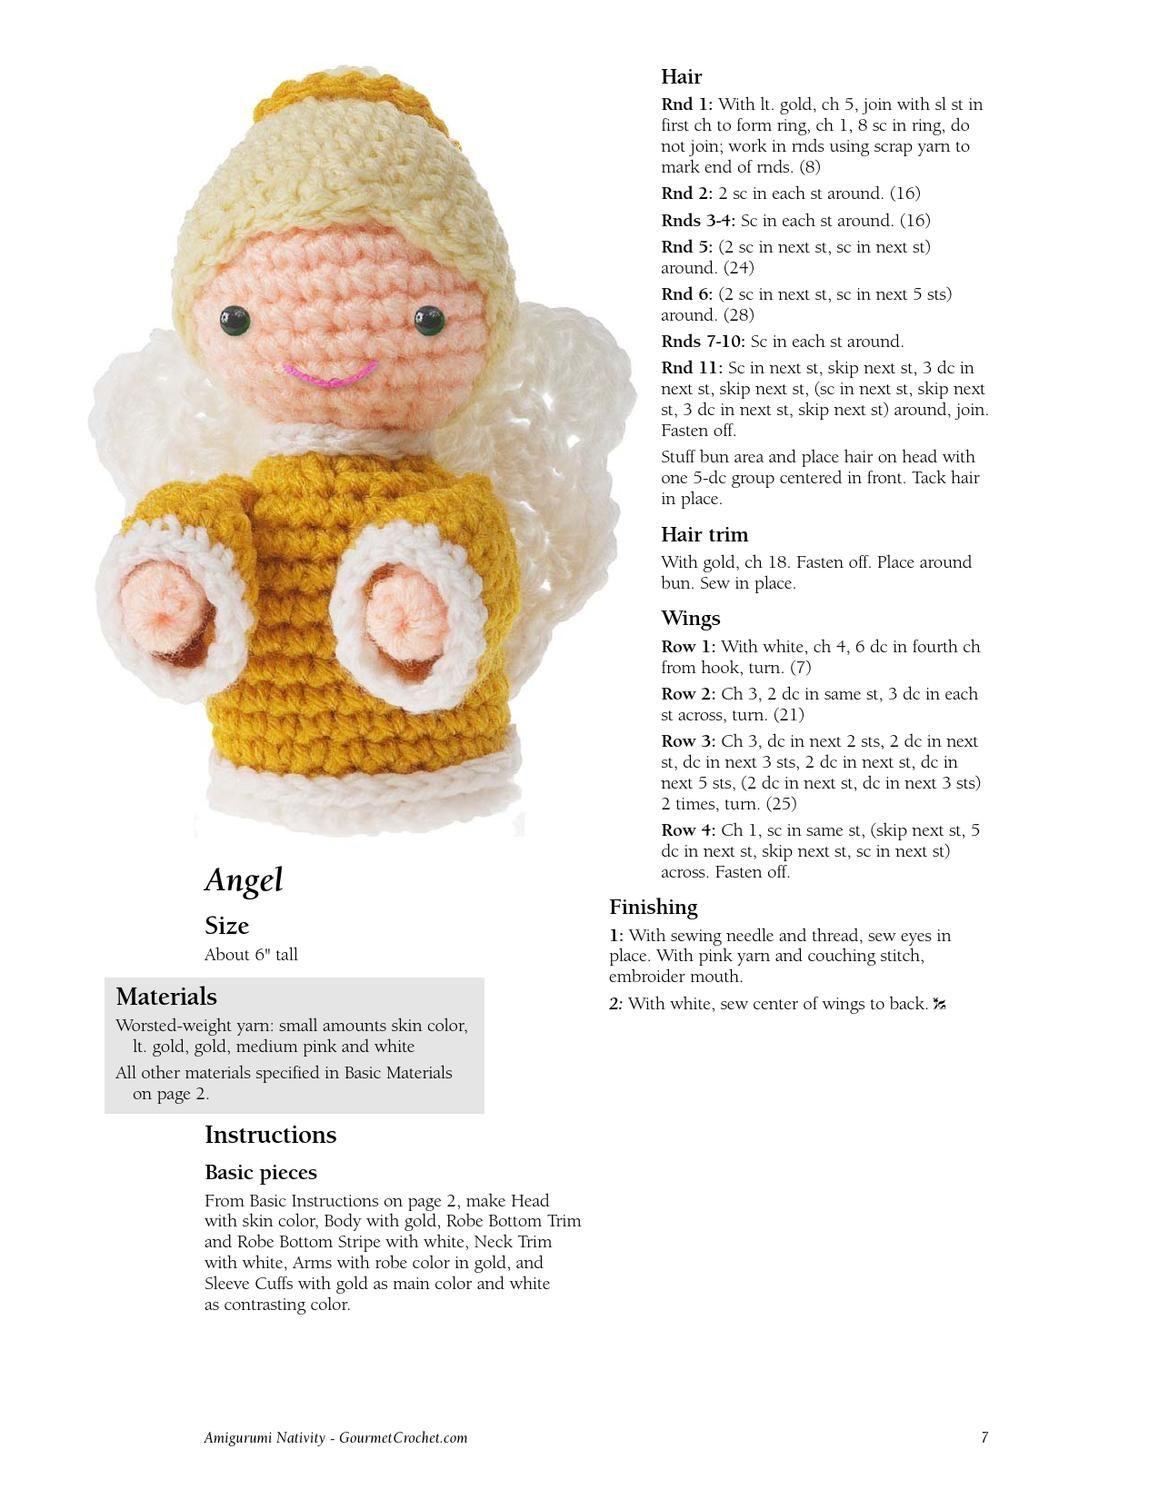 nacimiento crochet | Pinterest | Nacimiento, Angelitas y Navidad